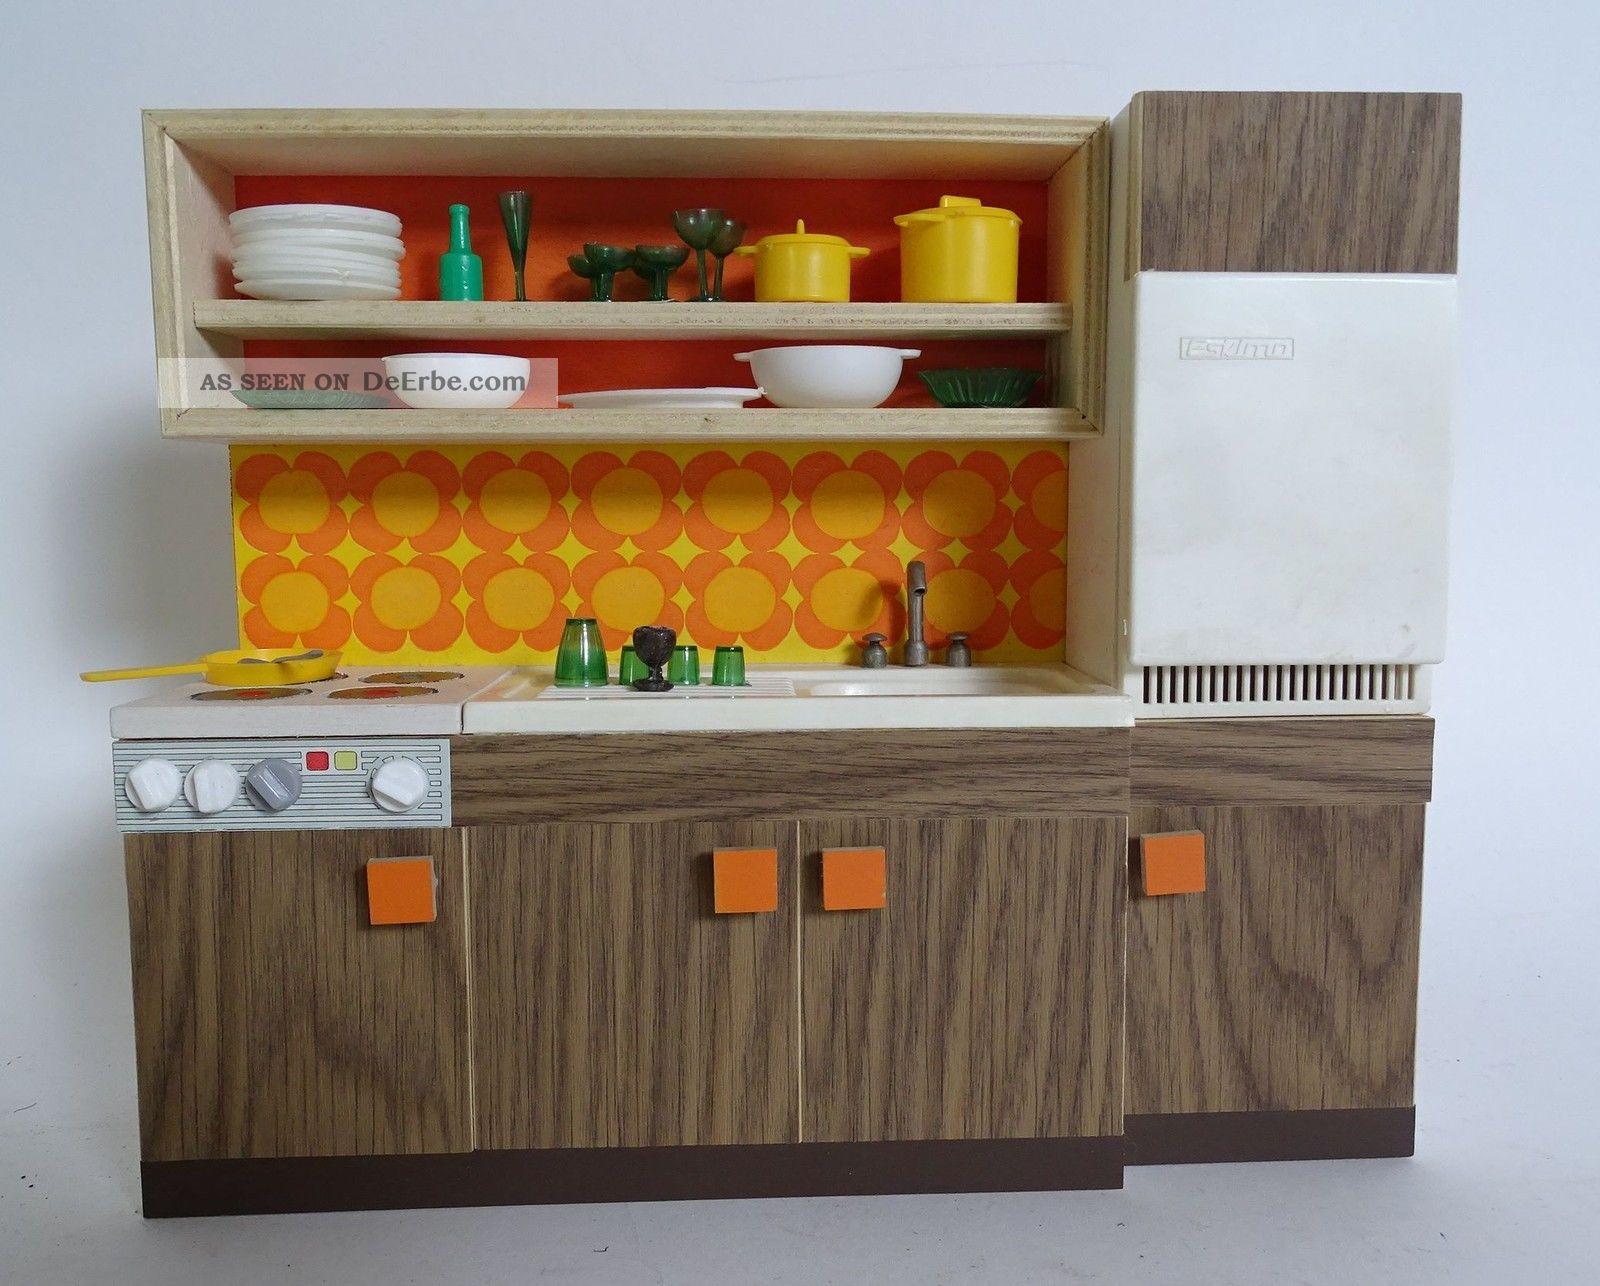 Panton Ära 70er Jahre Puppenstuben Küche Zubehör Küchenzeile Puppen Rarität Nostalgieware, nach 1970 Bild